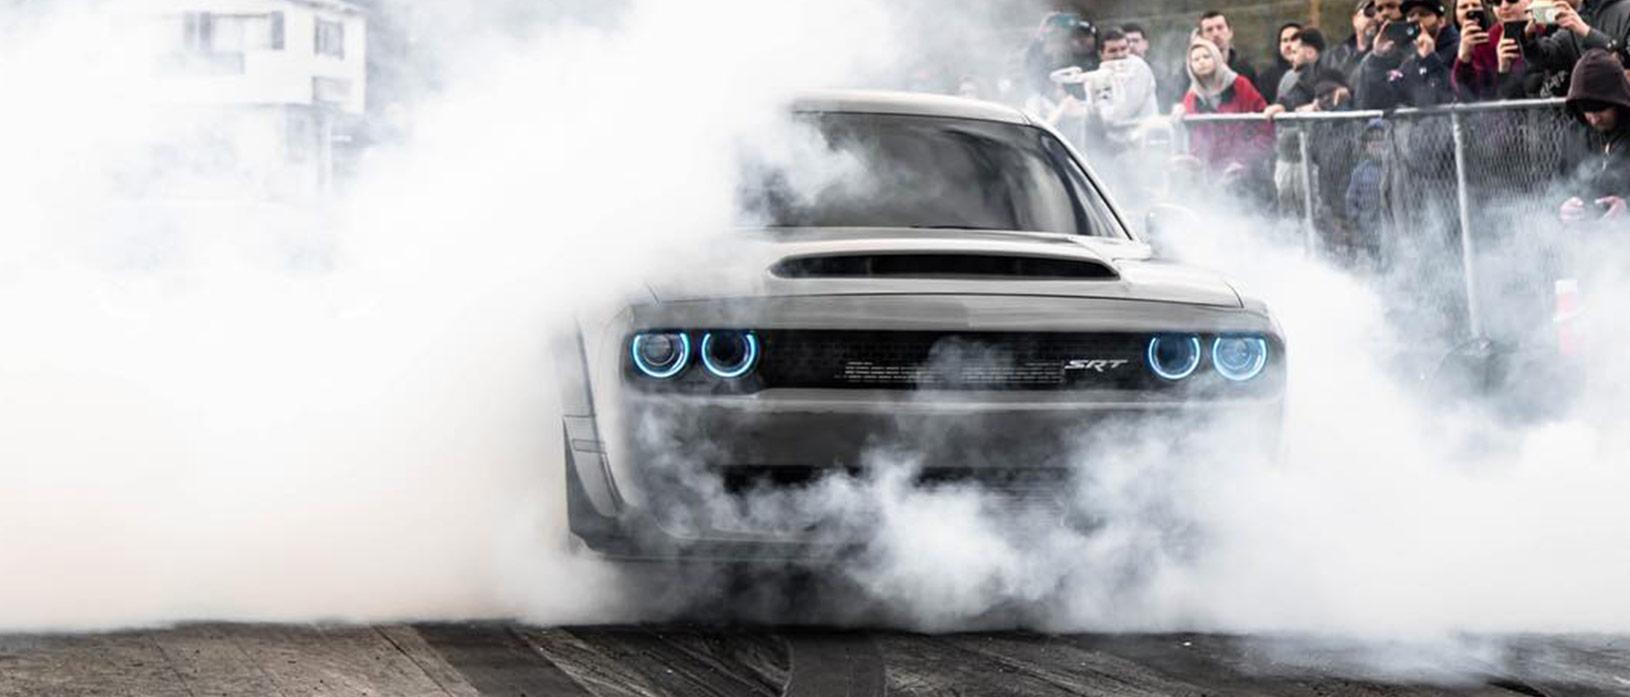 Gray Dodge Demon doing a burnout